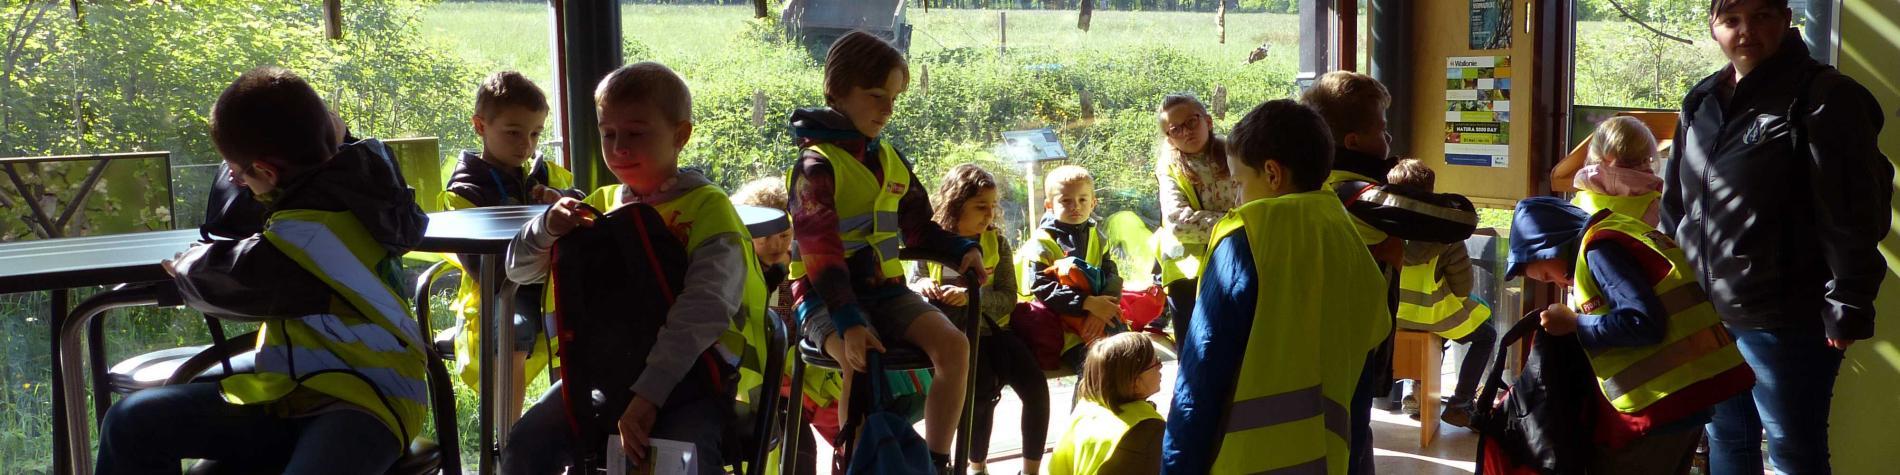 Classe verte au musée de la forêt et des eaux Berinzenne